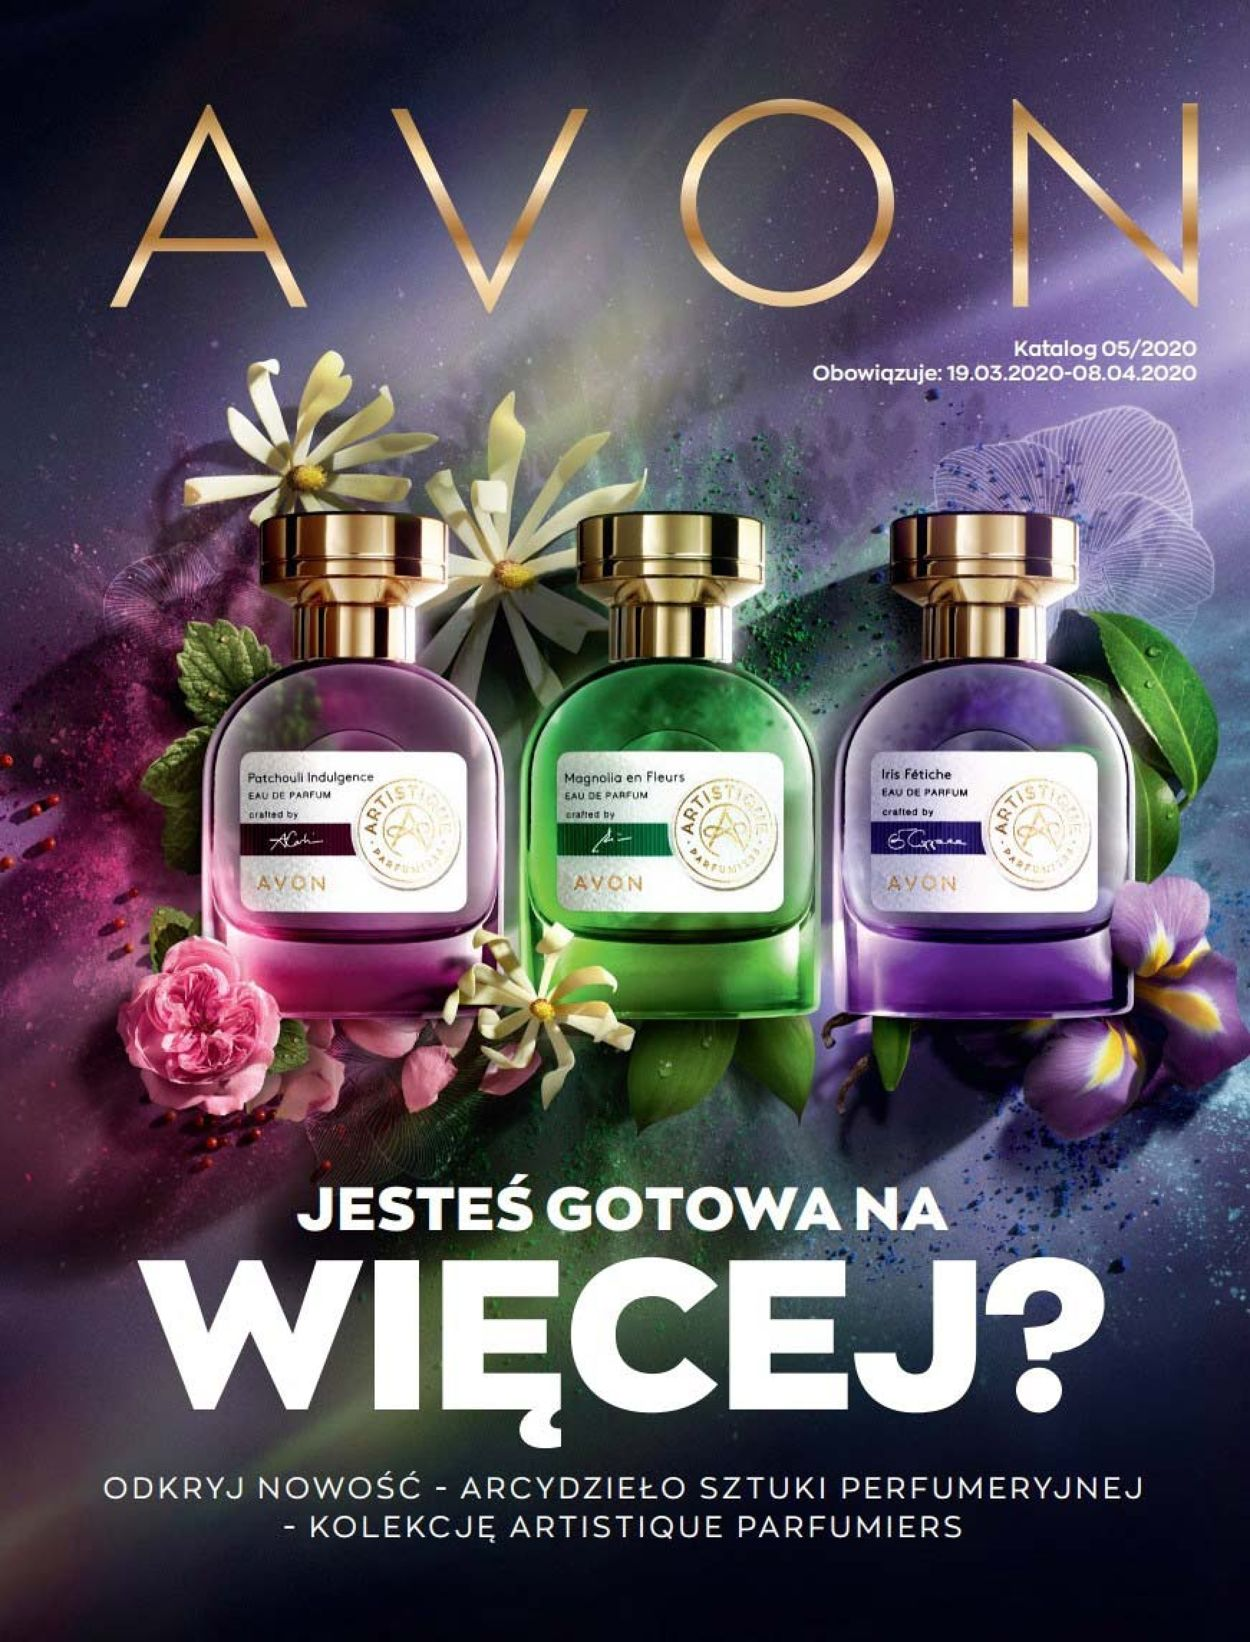 Gazetka promocyjna Avon - 19.03-08.04.2020